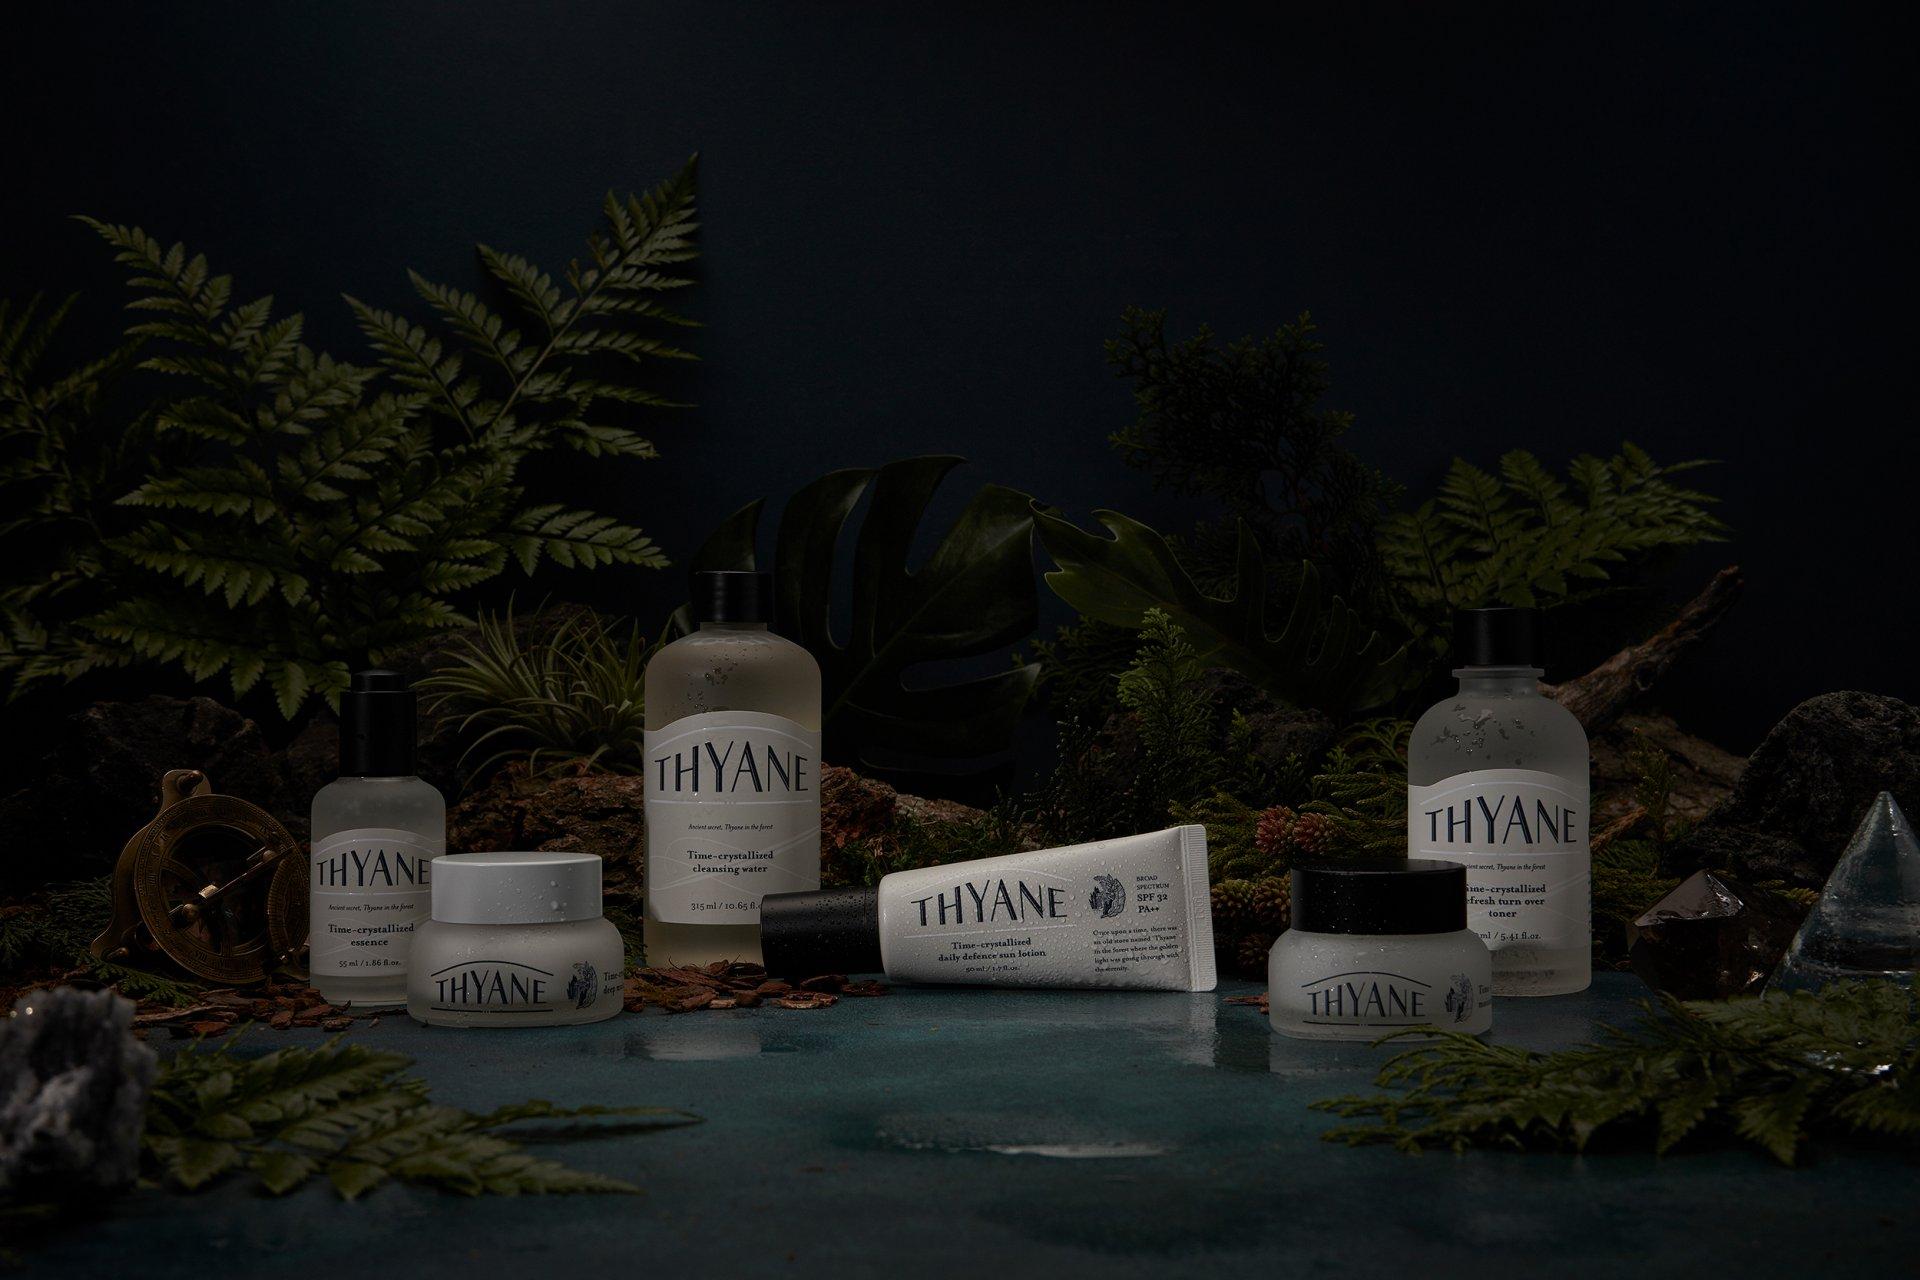 """Thyane - Cửa hiệu mỹ phẩm """"ẩn mình"""" trong khu rừng huyền bí"""